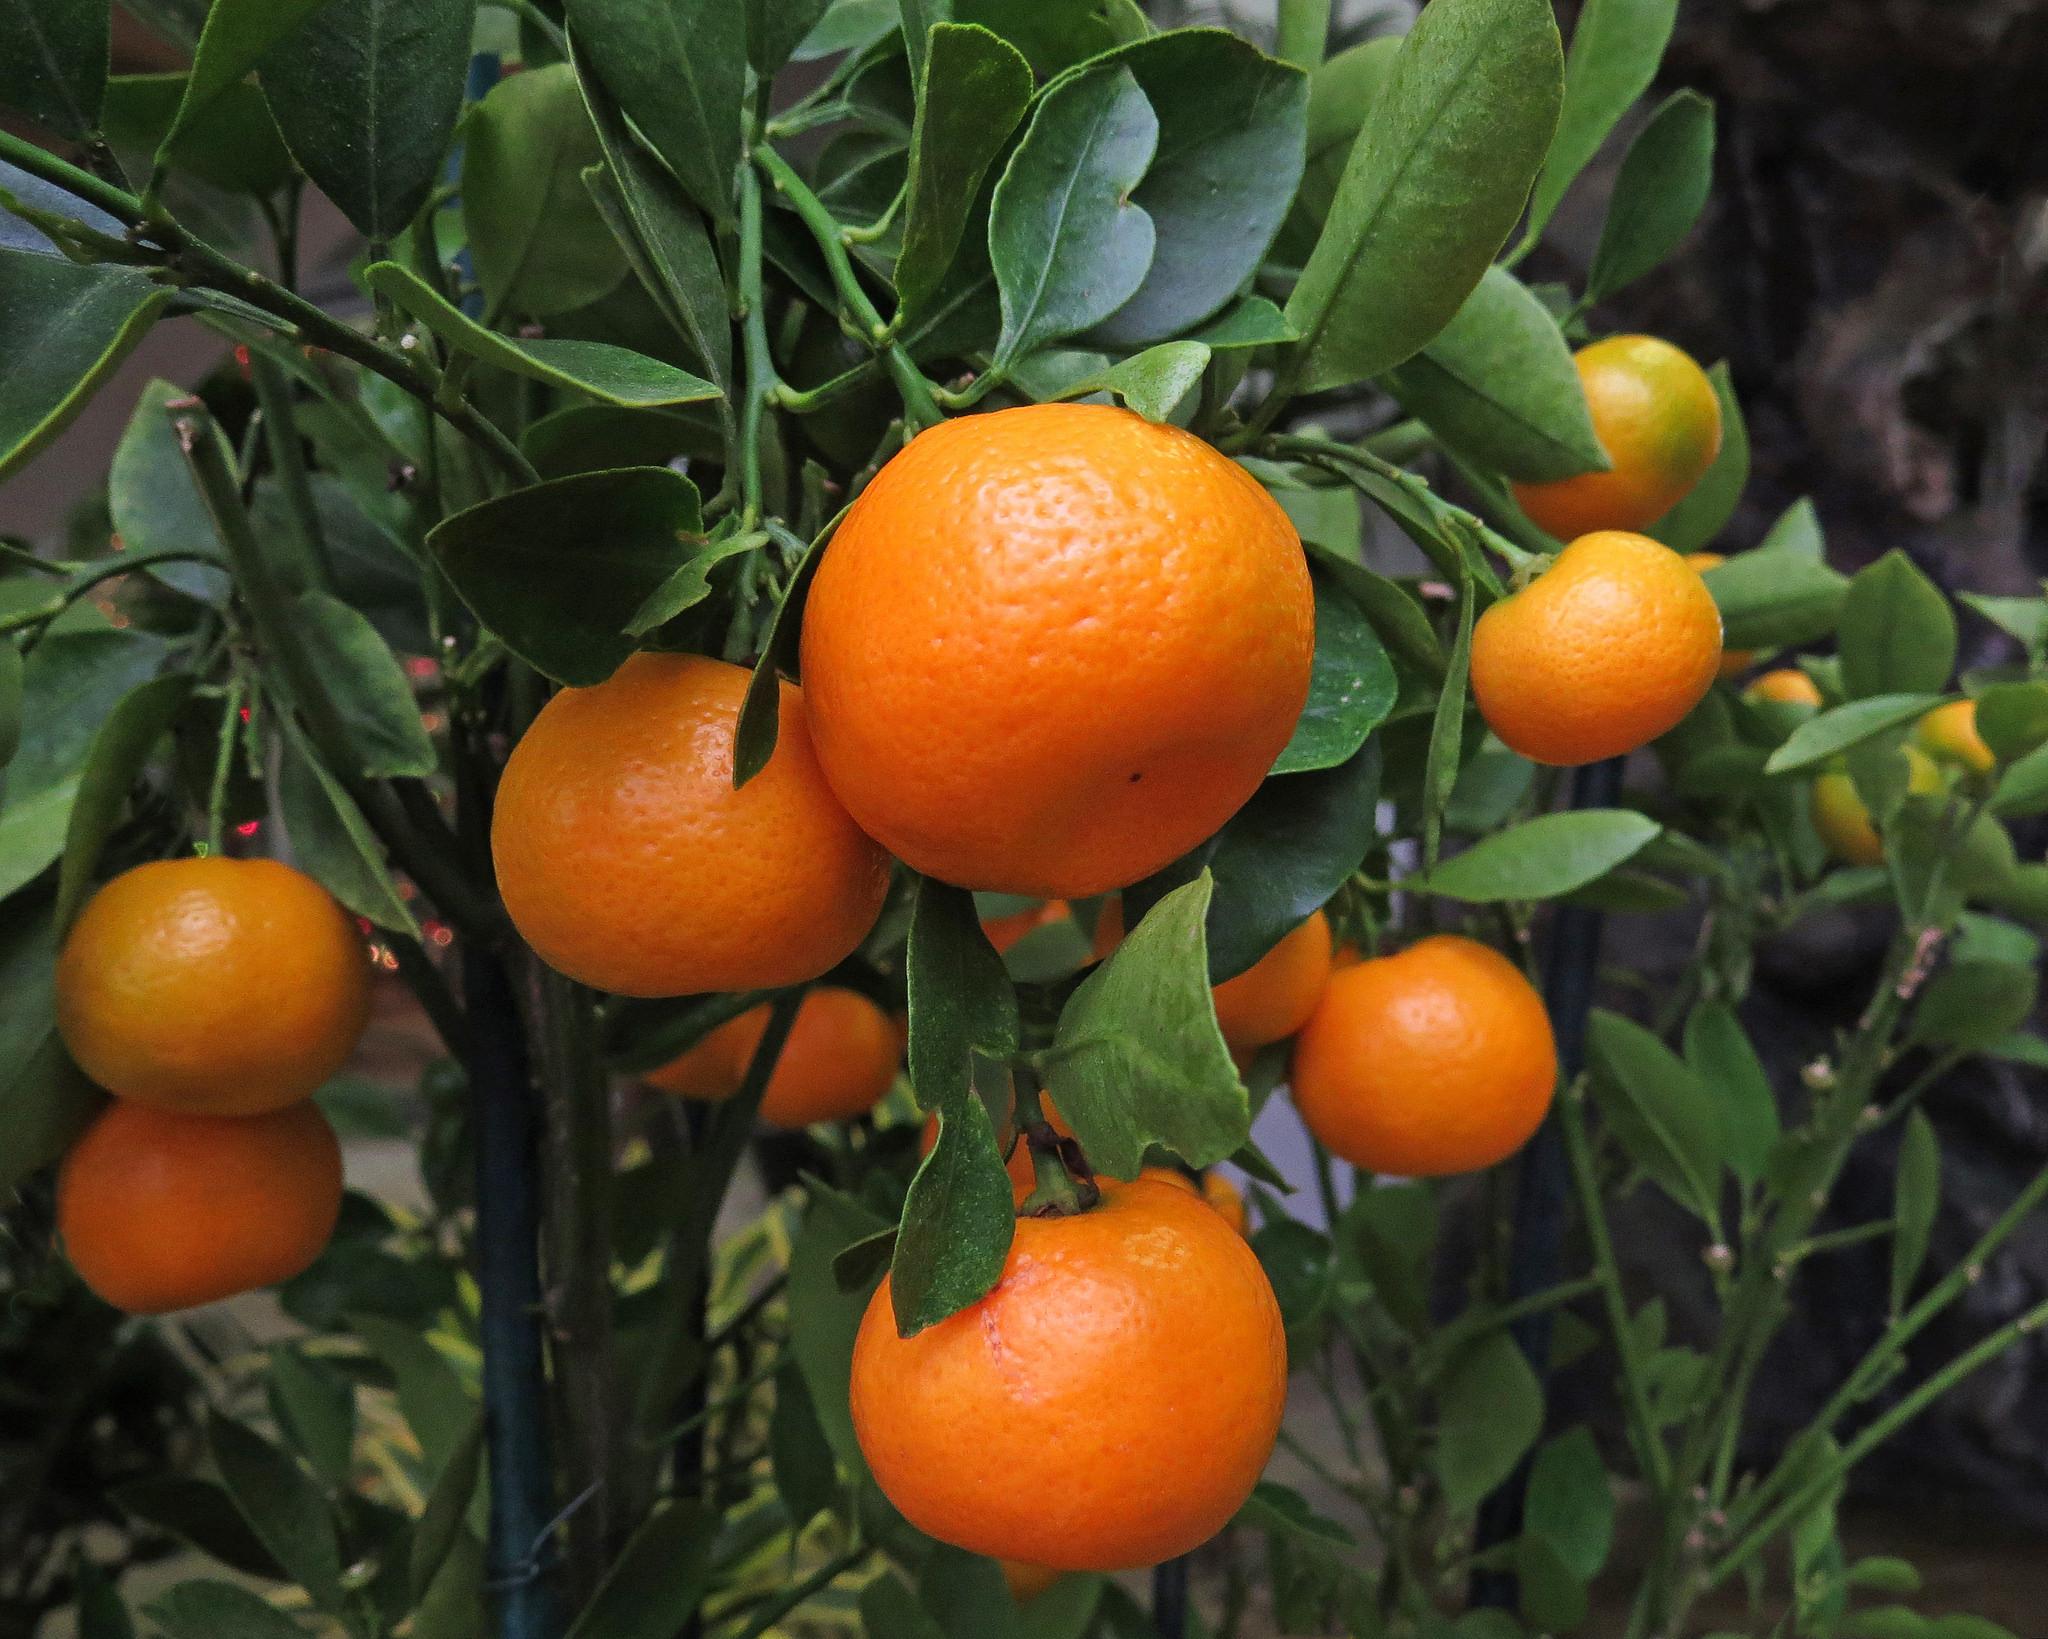 обои мандарины, дерево, листья, плоды картинки фото